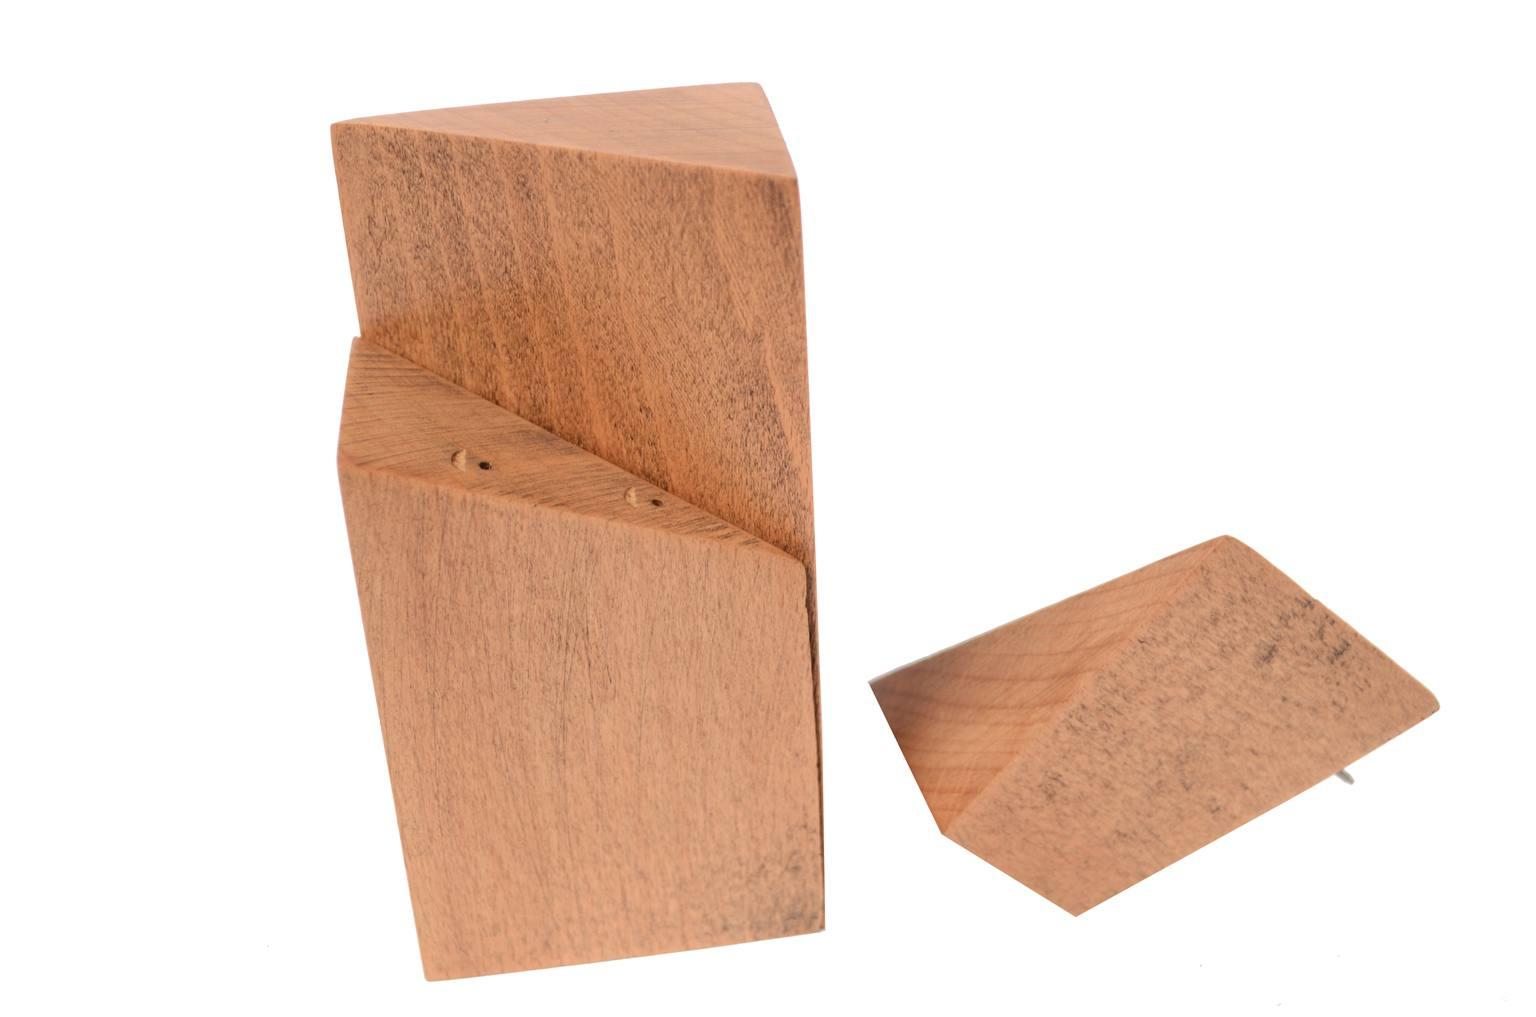 Strumenti di misura antichi/6112-14 solidi geometrici